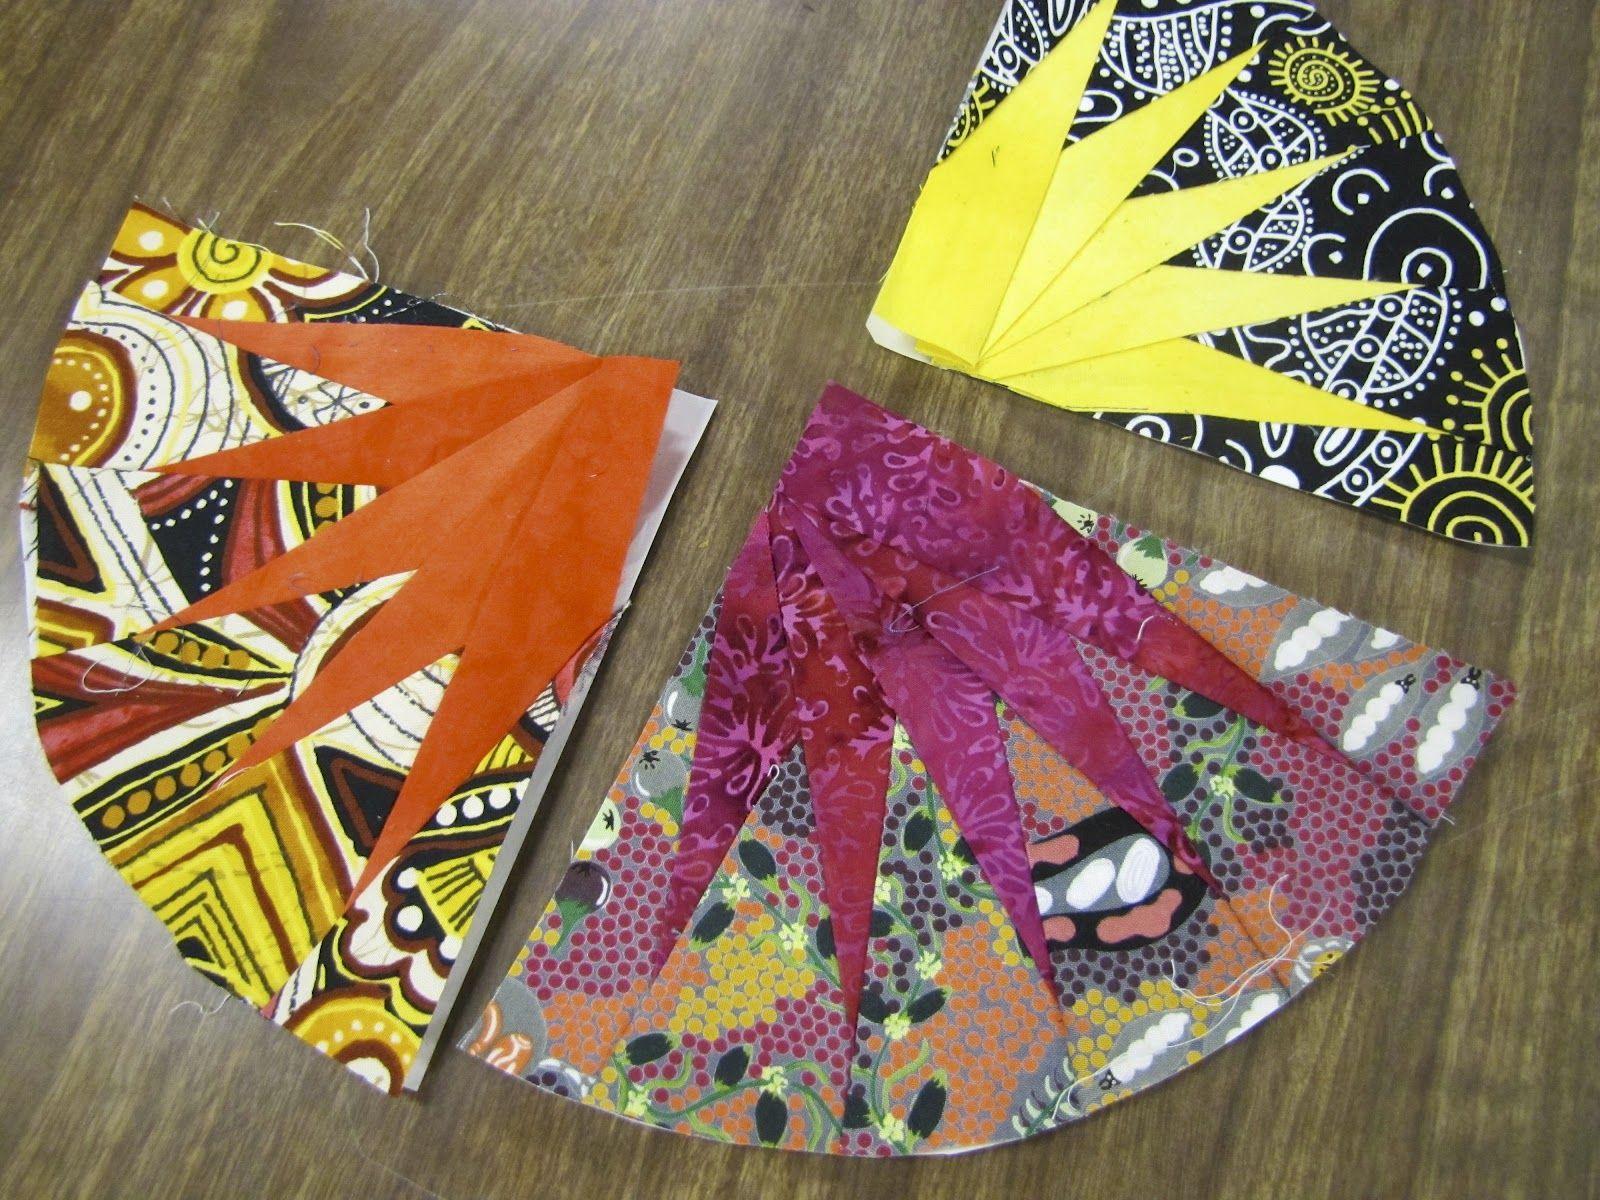 Free Circle Quilt Patterns | Dot used Australian Aboriginals. This ... : unique quilt blocks - Adamdwight.com